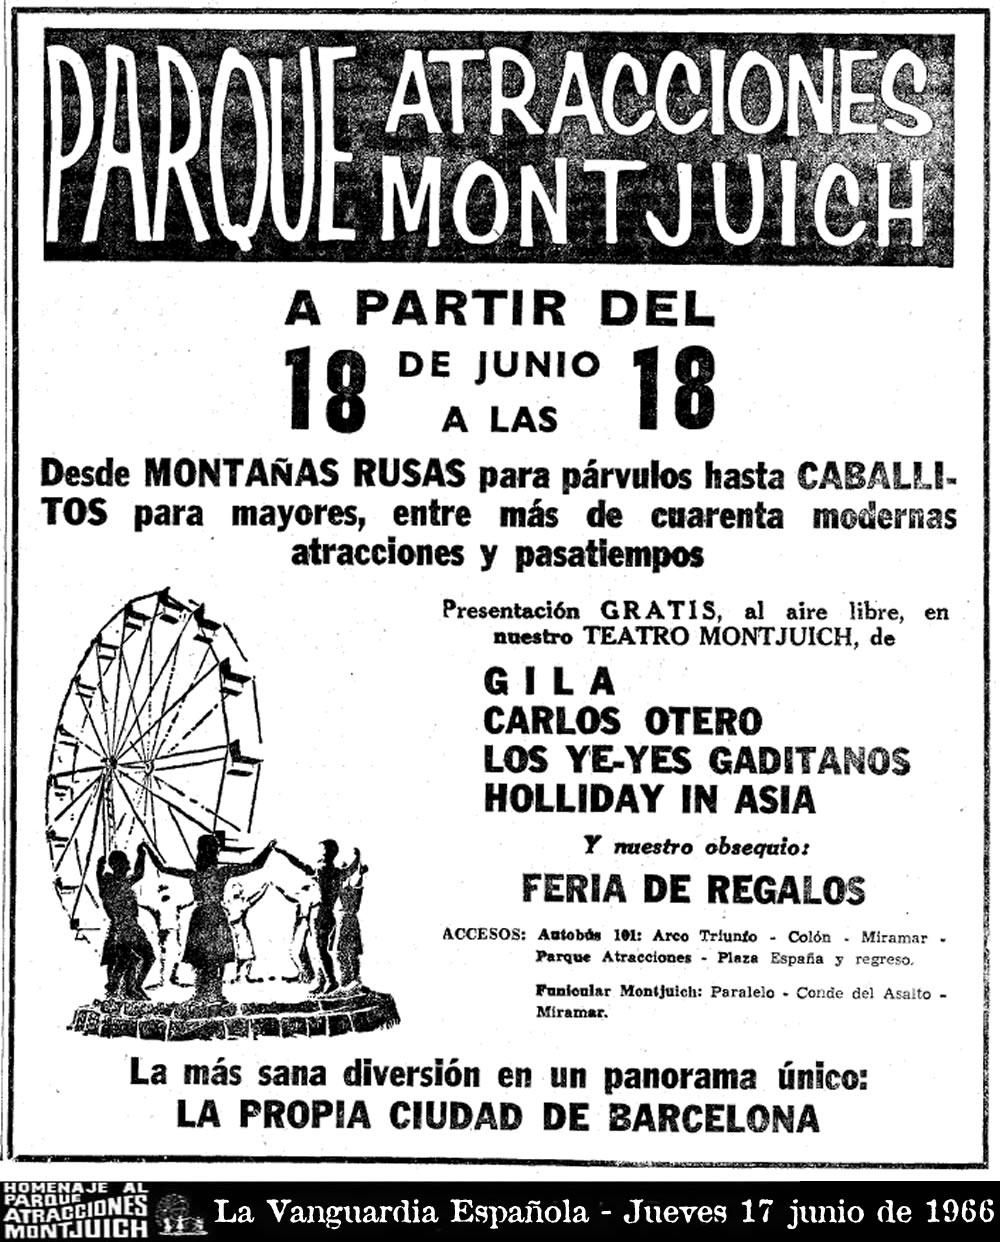 Cartel de La Vanguardia Española - Jueves 17 junio de 1966